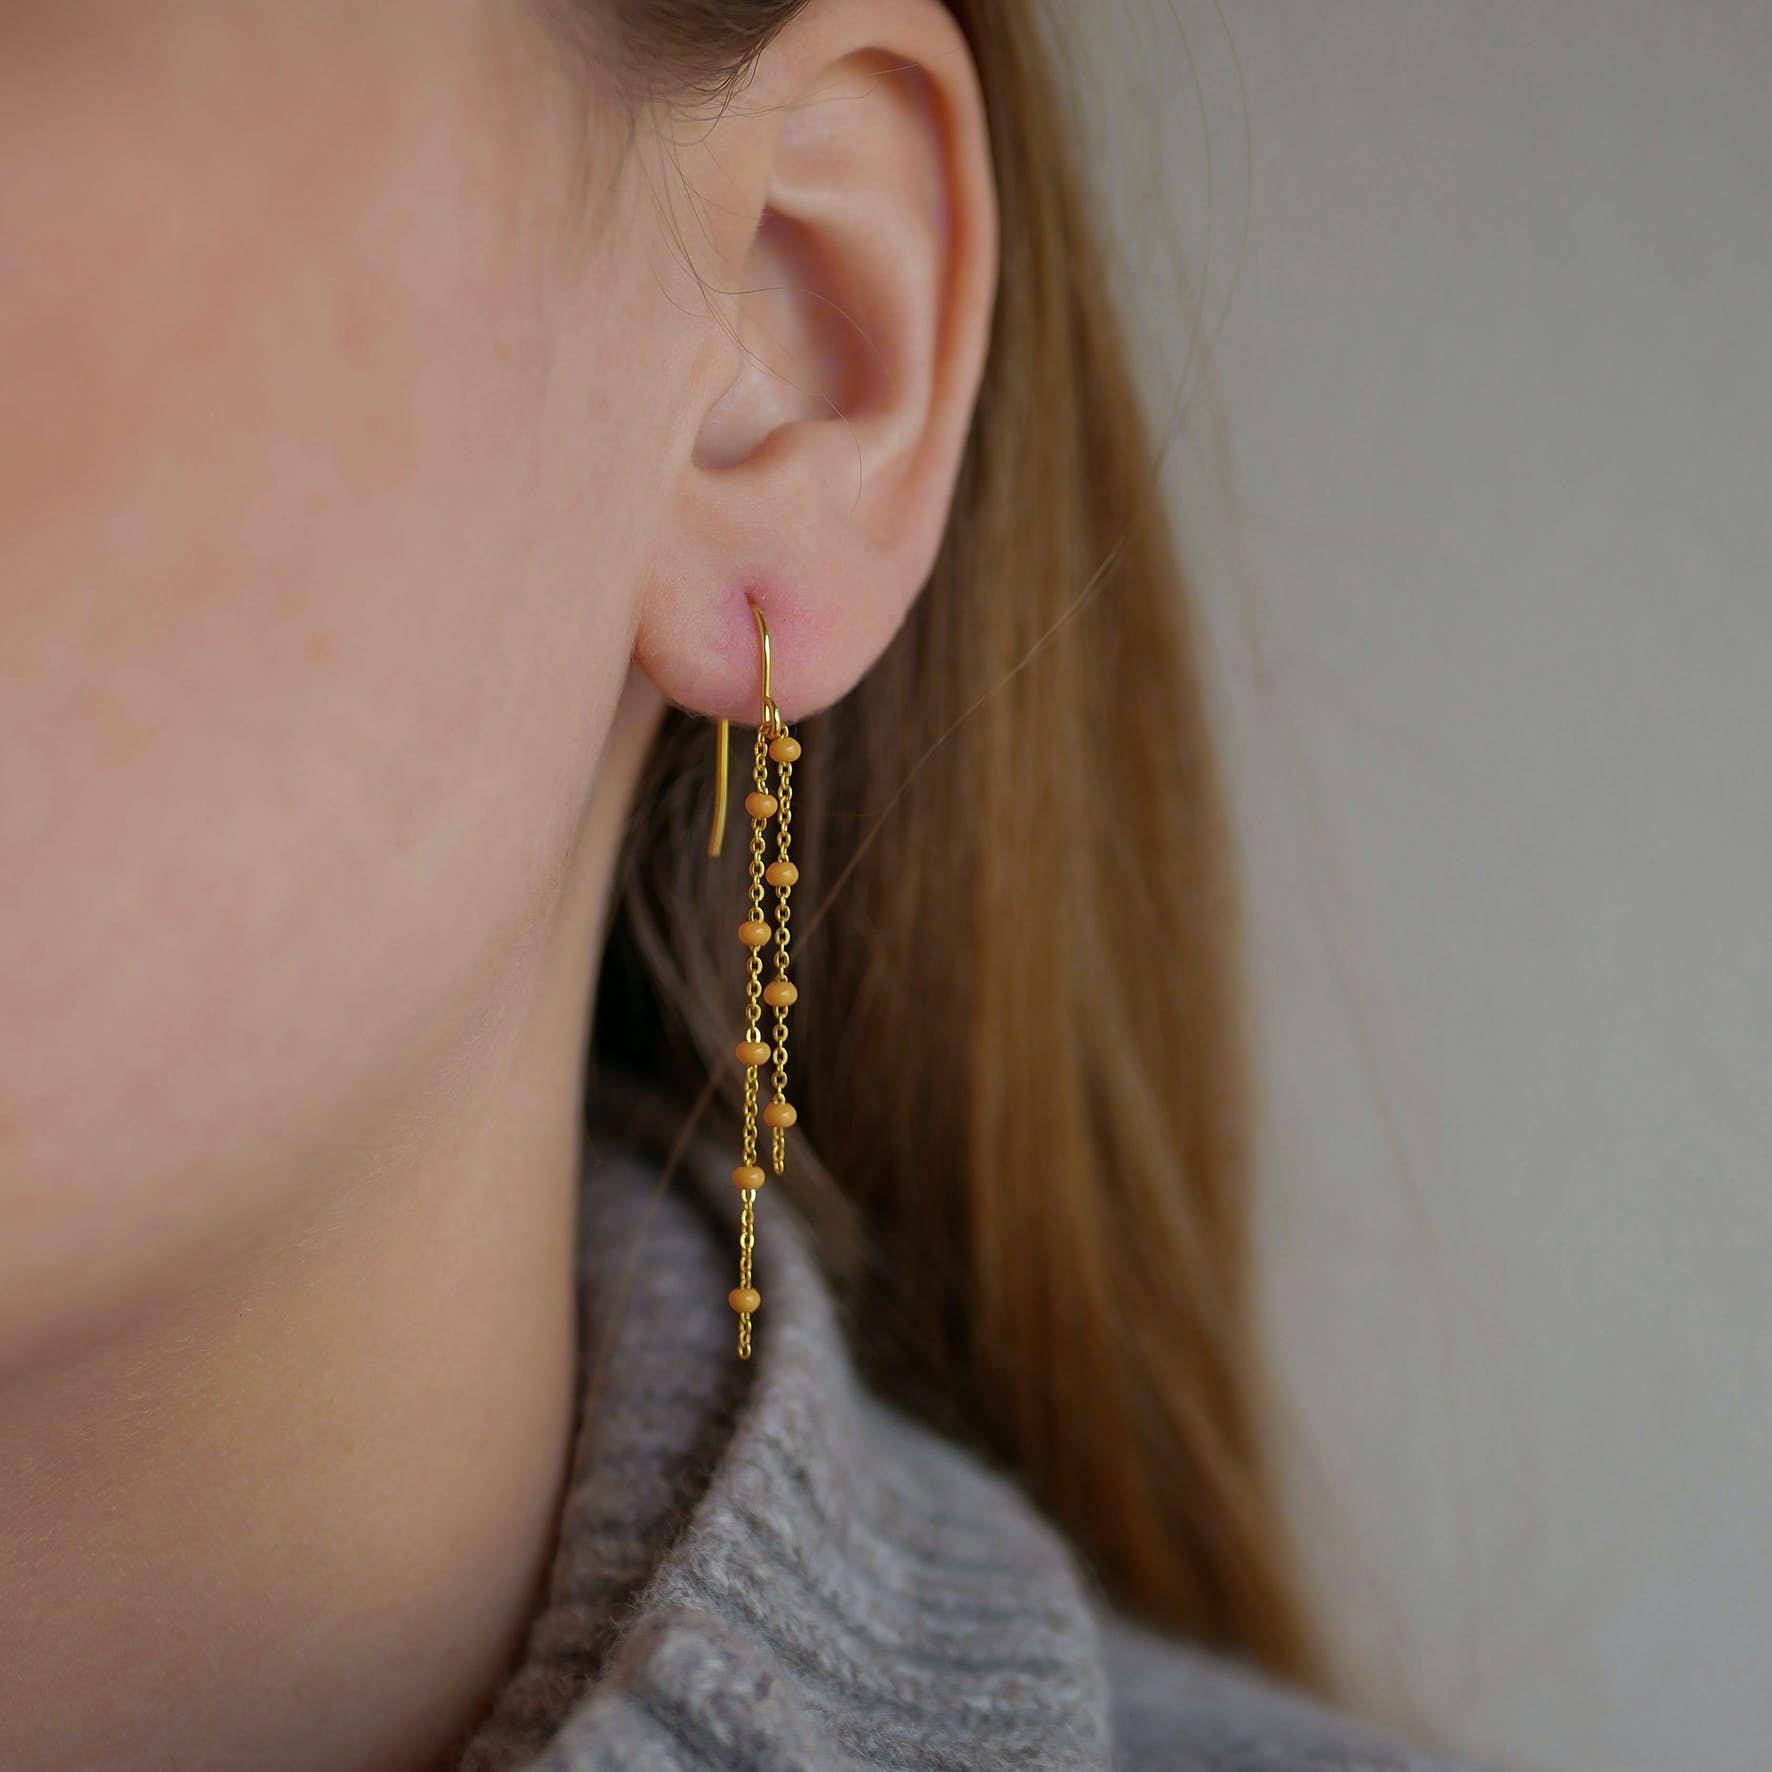 Fura Earrings Orange fra Enamel Copenhagen i Forgyldt-Sølv Sterling 925